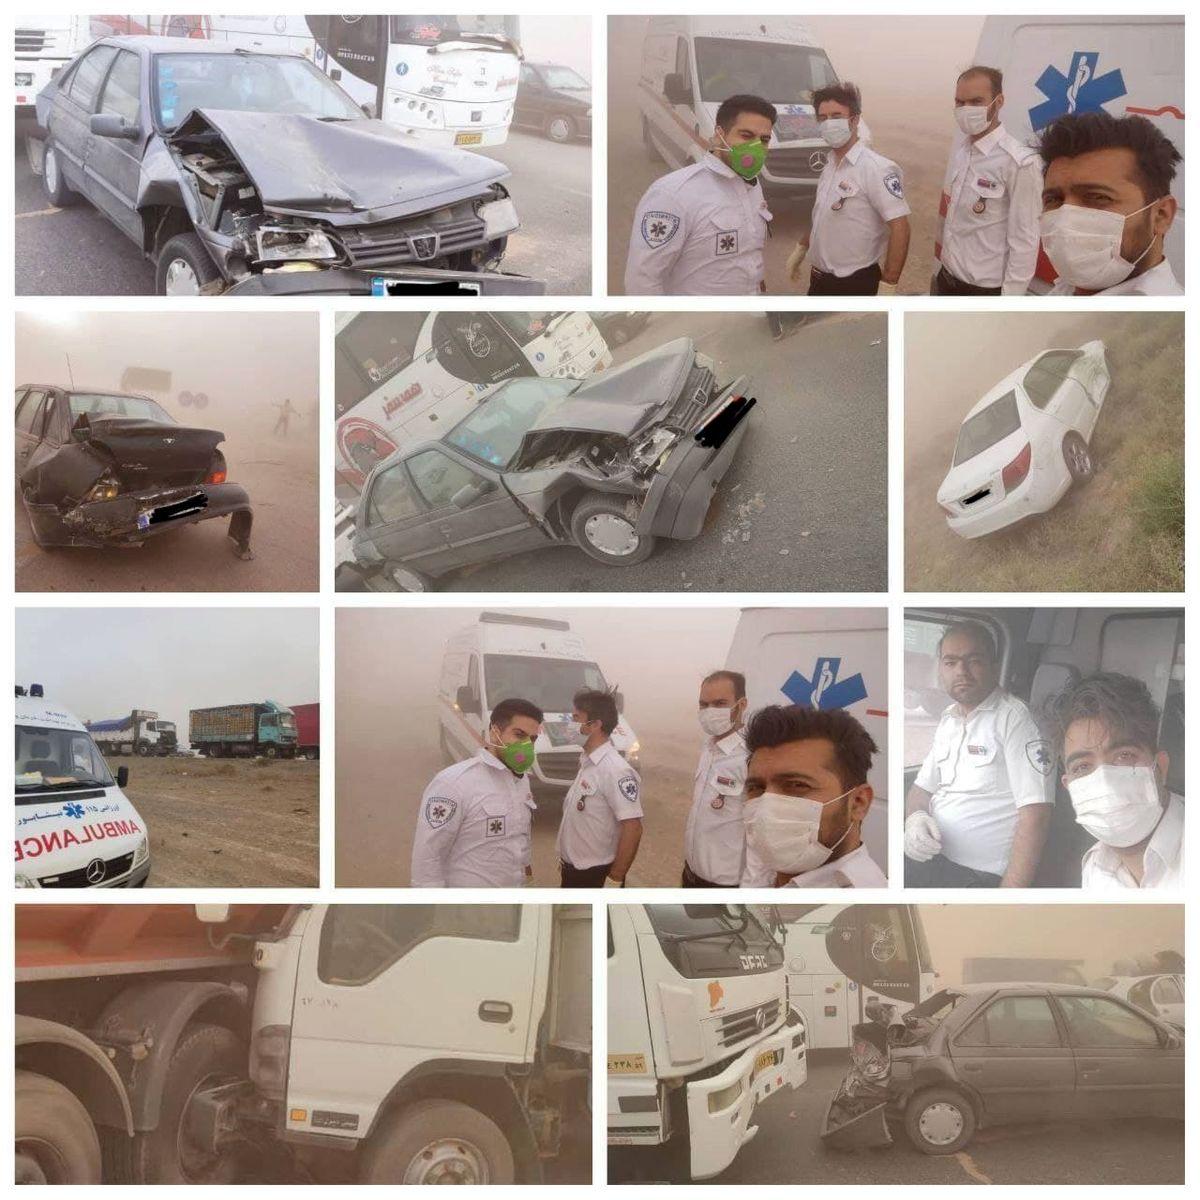 گردوخاک در مشهد حادثه آفرید/تصادف زنجیره ای ۲۰ خودرو در جاده نیشابور +تصاویر